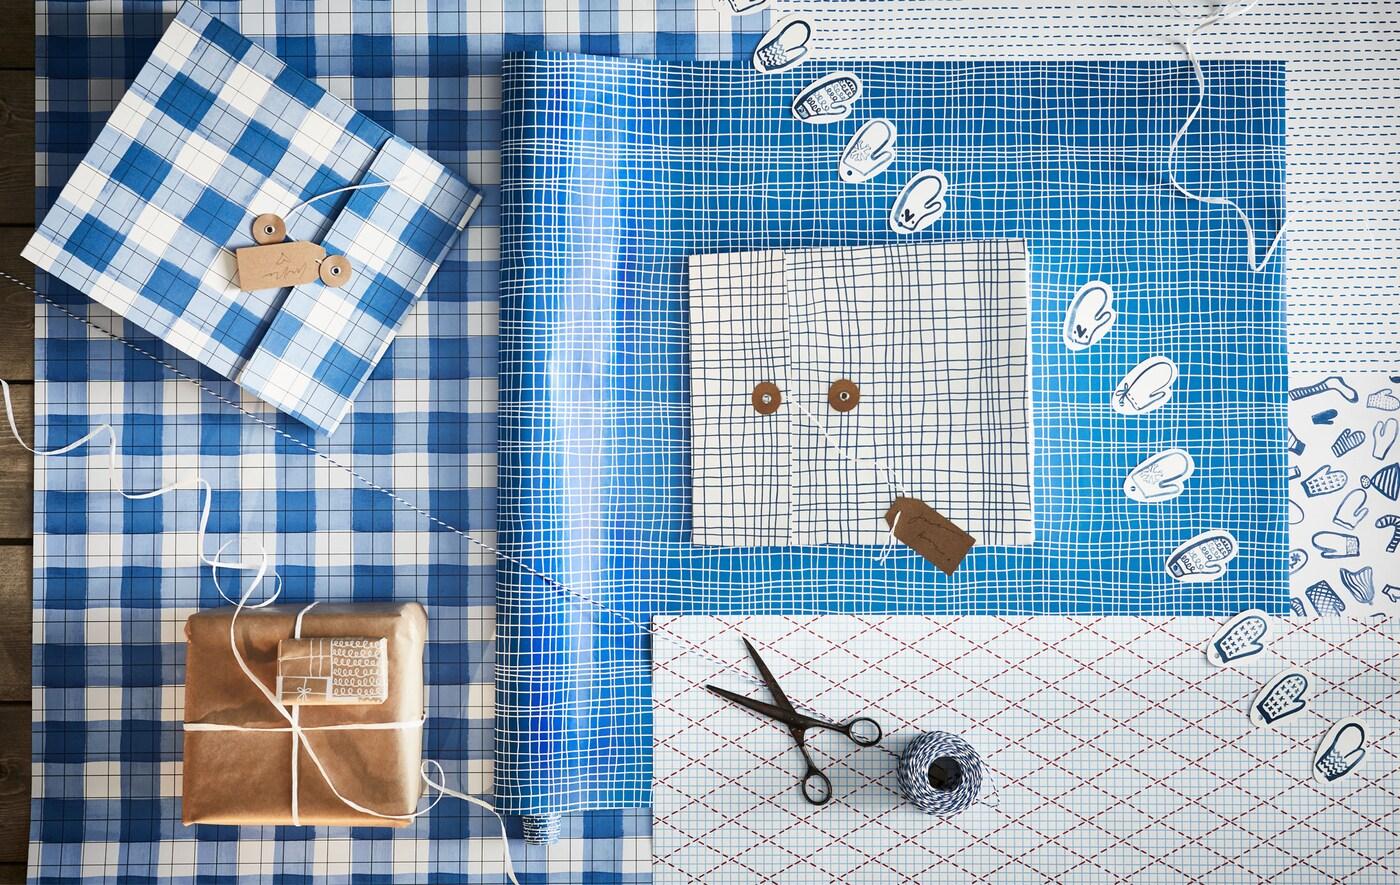 Poste d'emballage de cadeaux et ses accessoires: papiers de couleurs et de motifs variés, ficelles, ciseaux, étiquettes et boîtes-cadeaux.